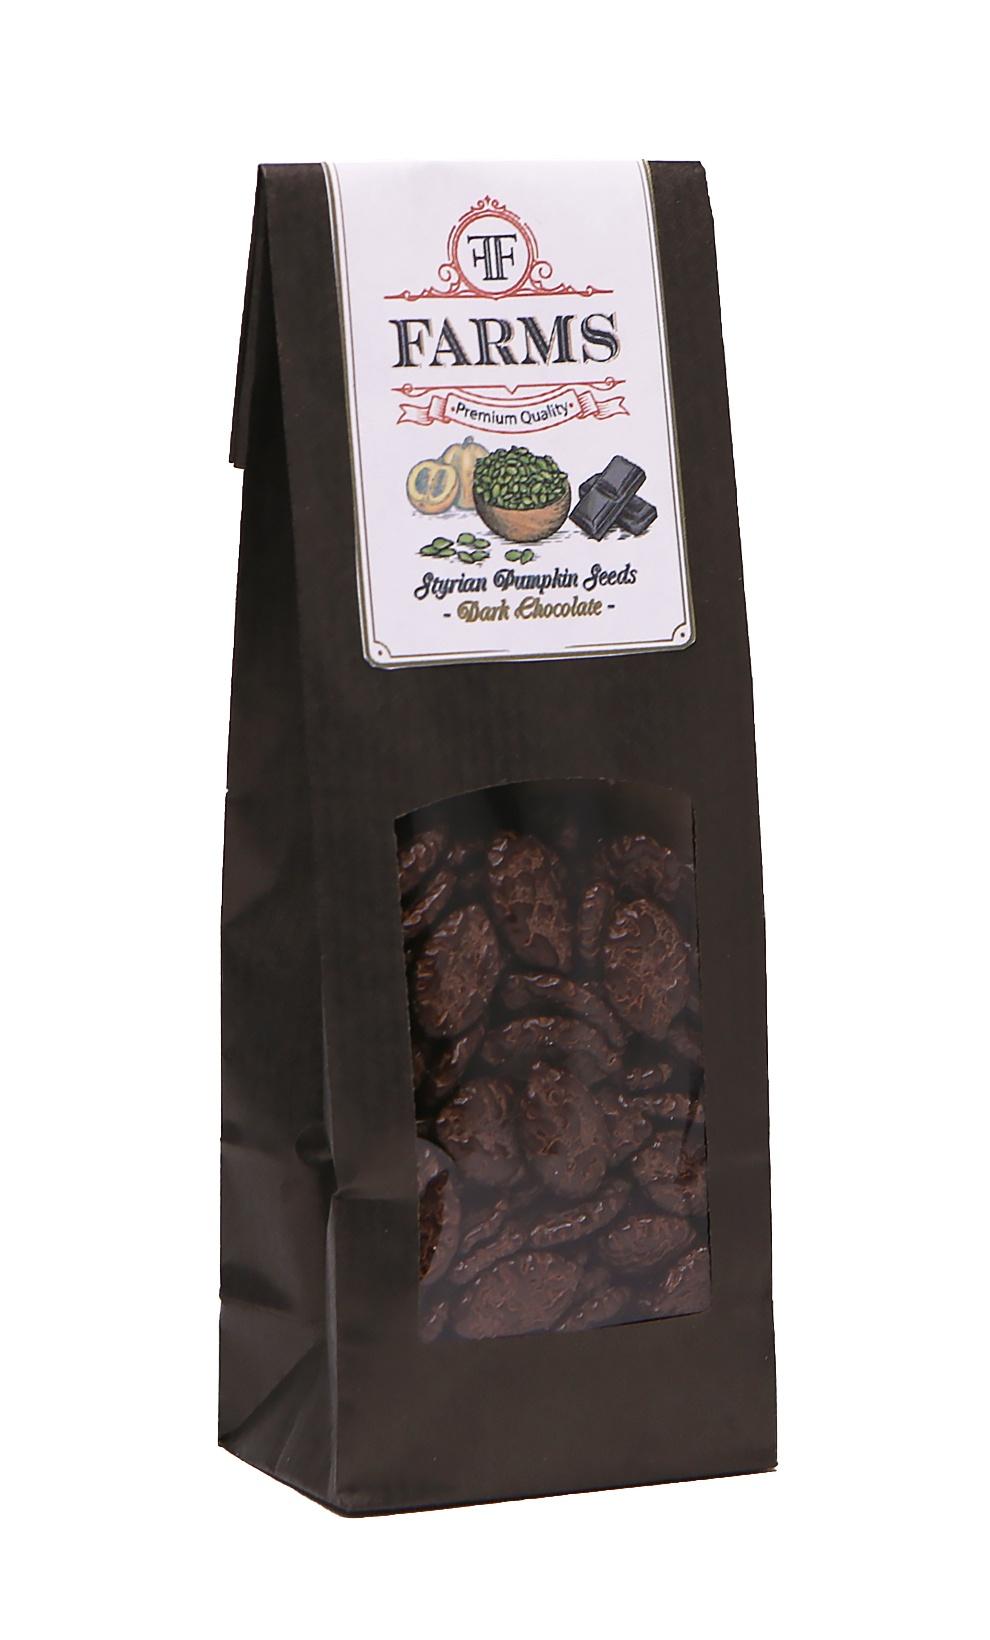 Штирийские тыквенные семечки в глазури австрийский черный шоколад FF Farms, 100 гр